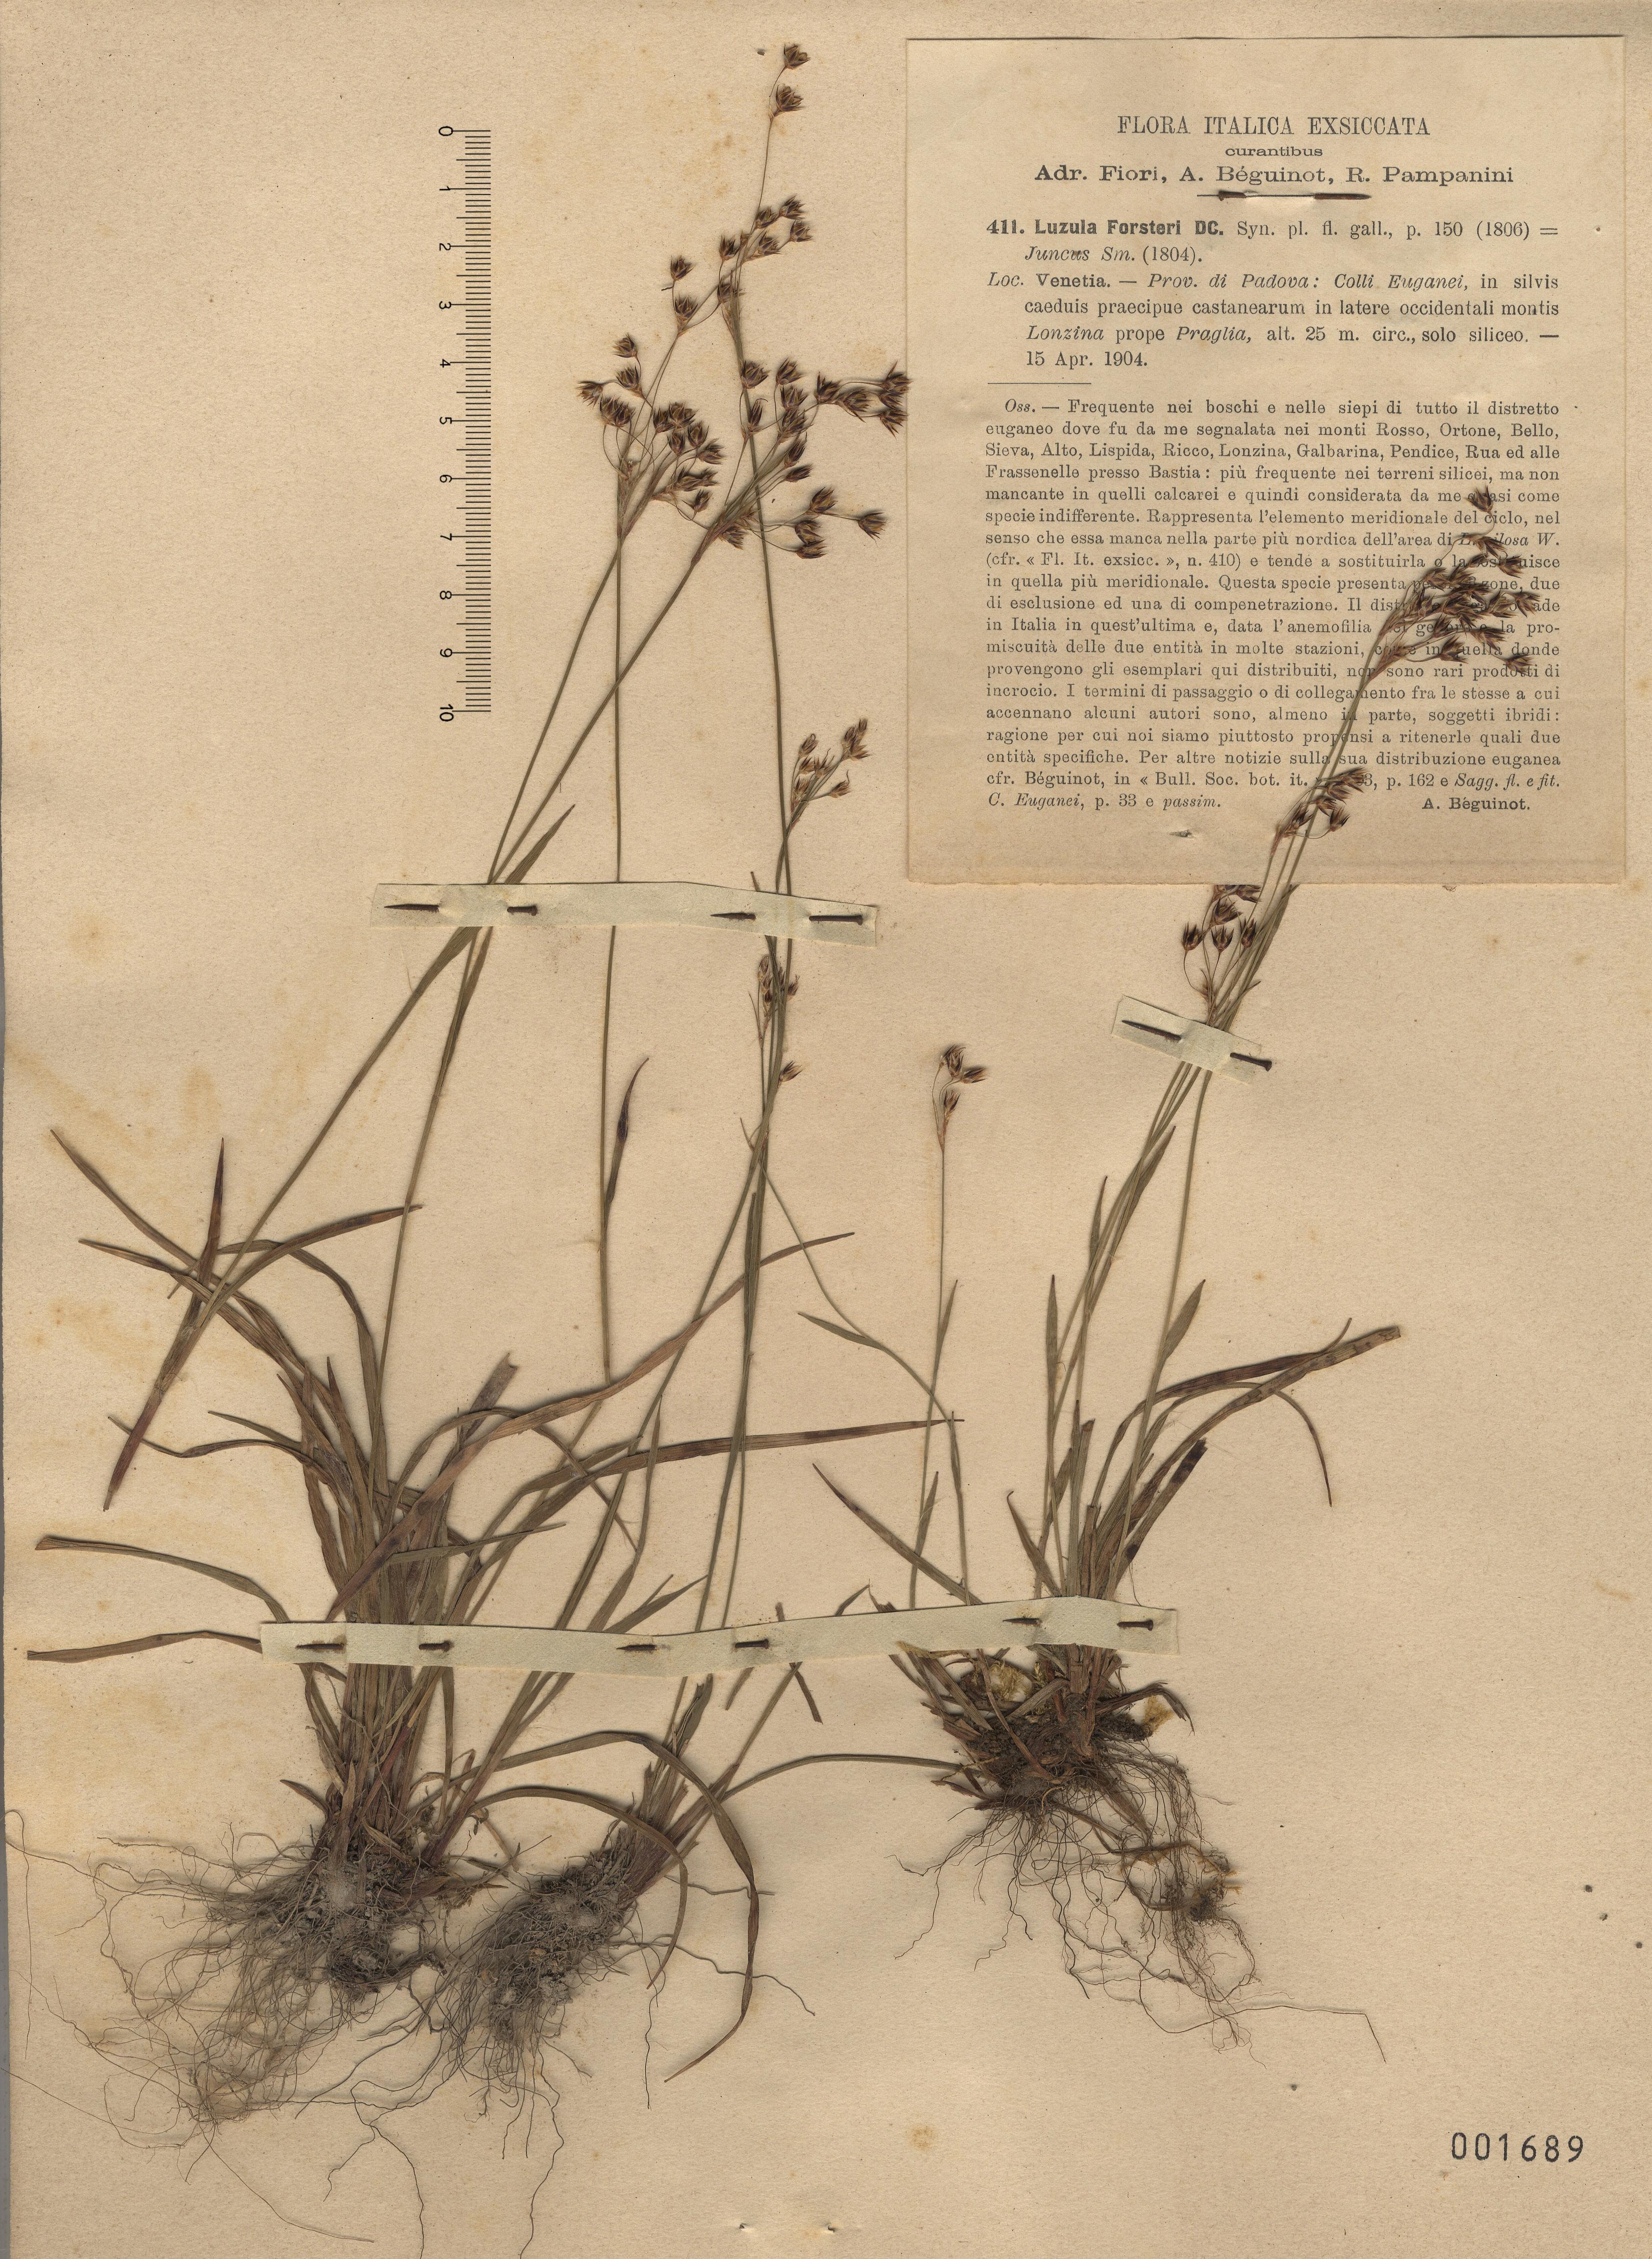 © Hortus Botanicus Catinensis - Herb. sheet 001689<br>